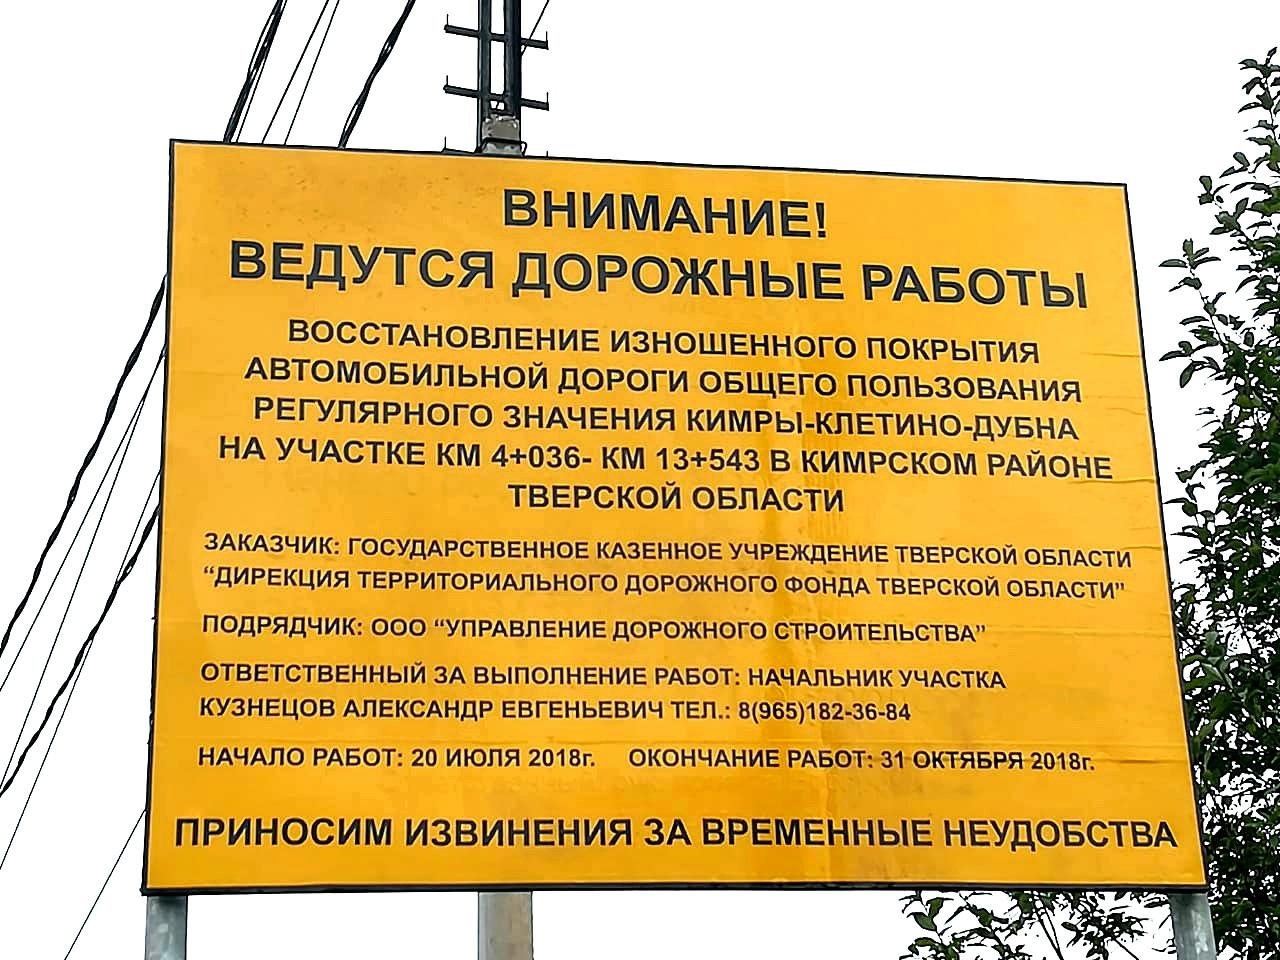 Начались дорожные работы по ремонту дороги Кимры-Клетино-Дубна